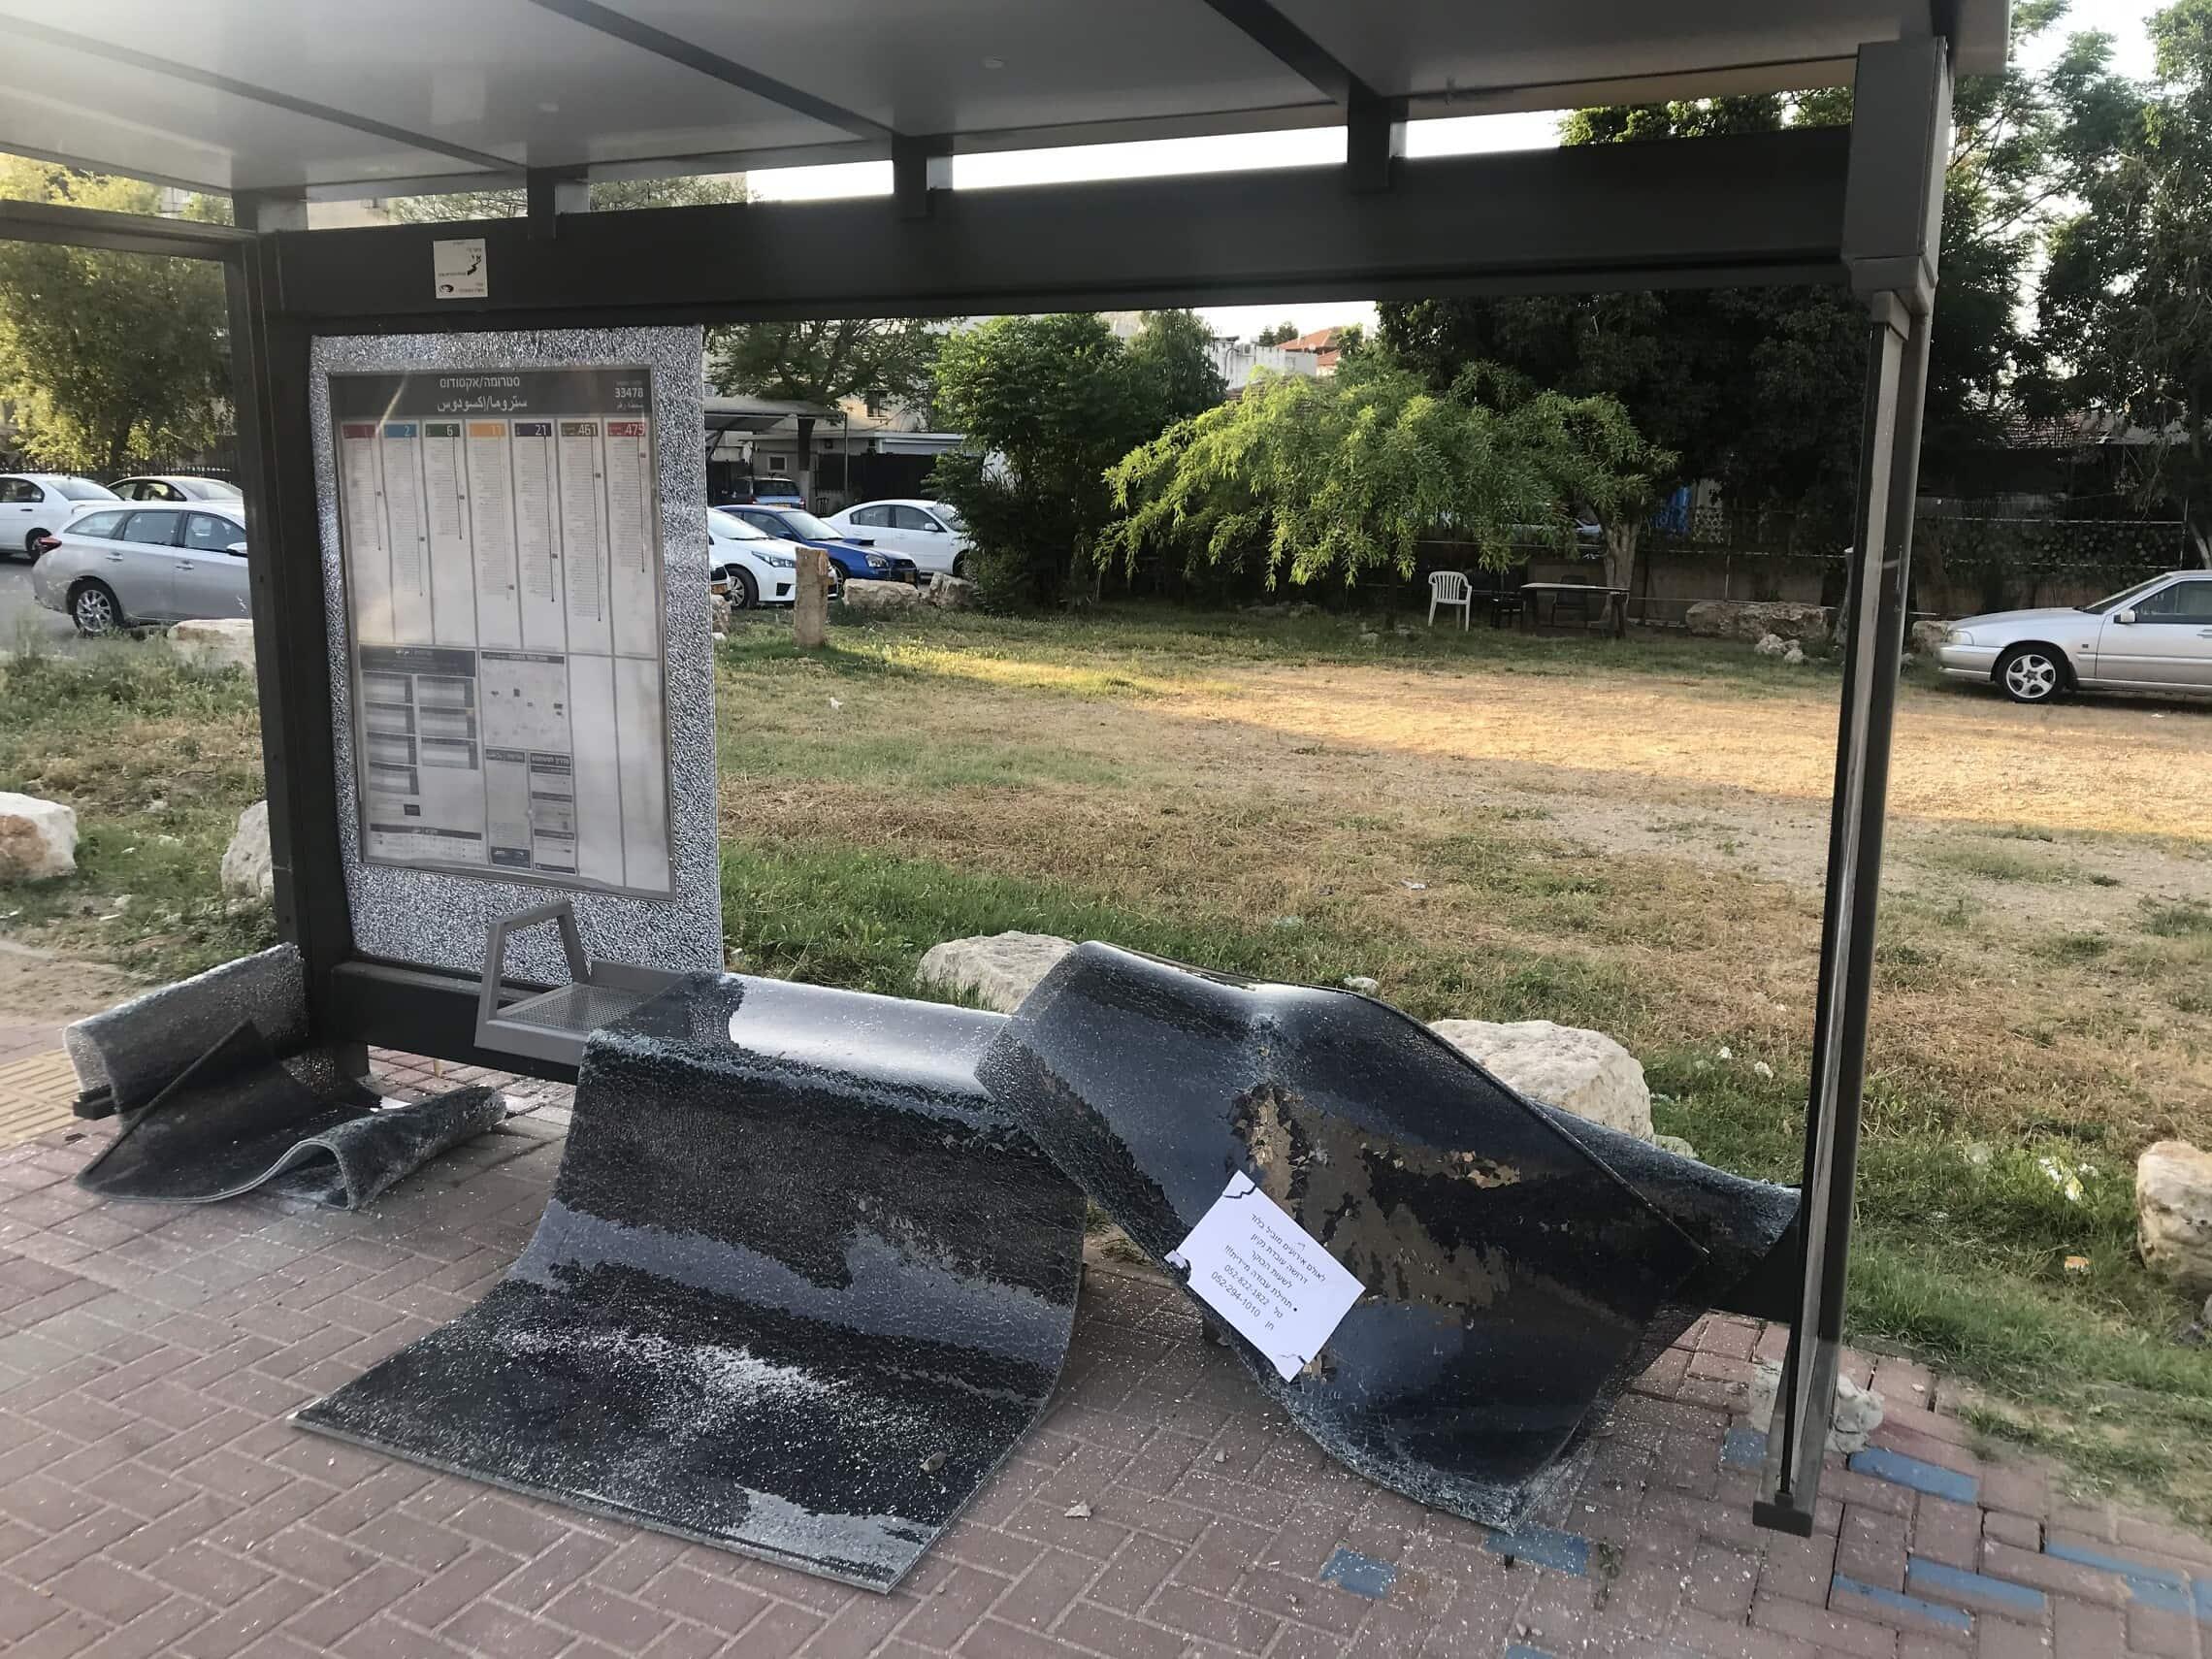 תחנת אוטובוס שרופה בלוד, 11 במאי 2021 (צילום: אמיר בן-דוד)